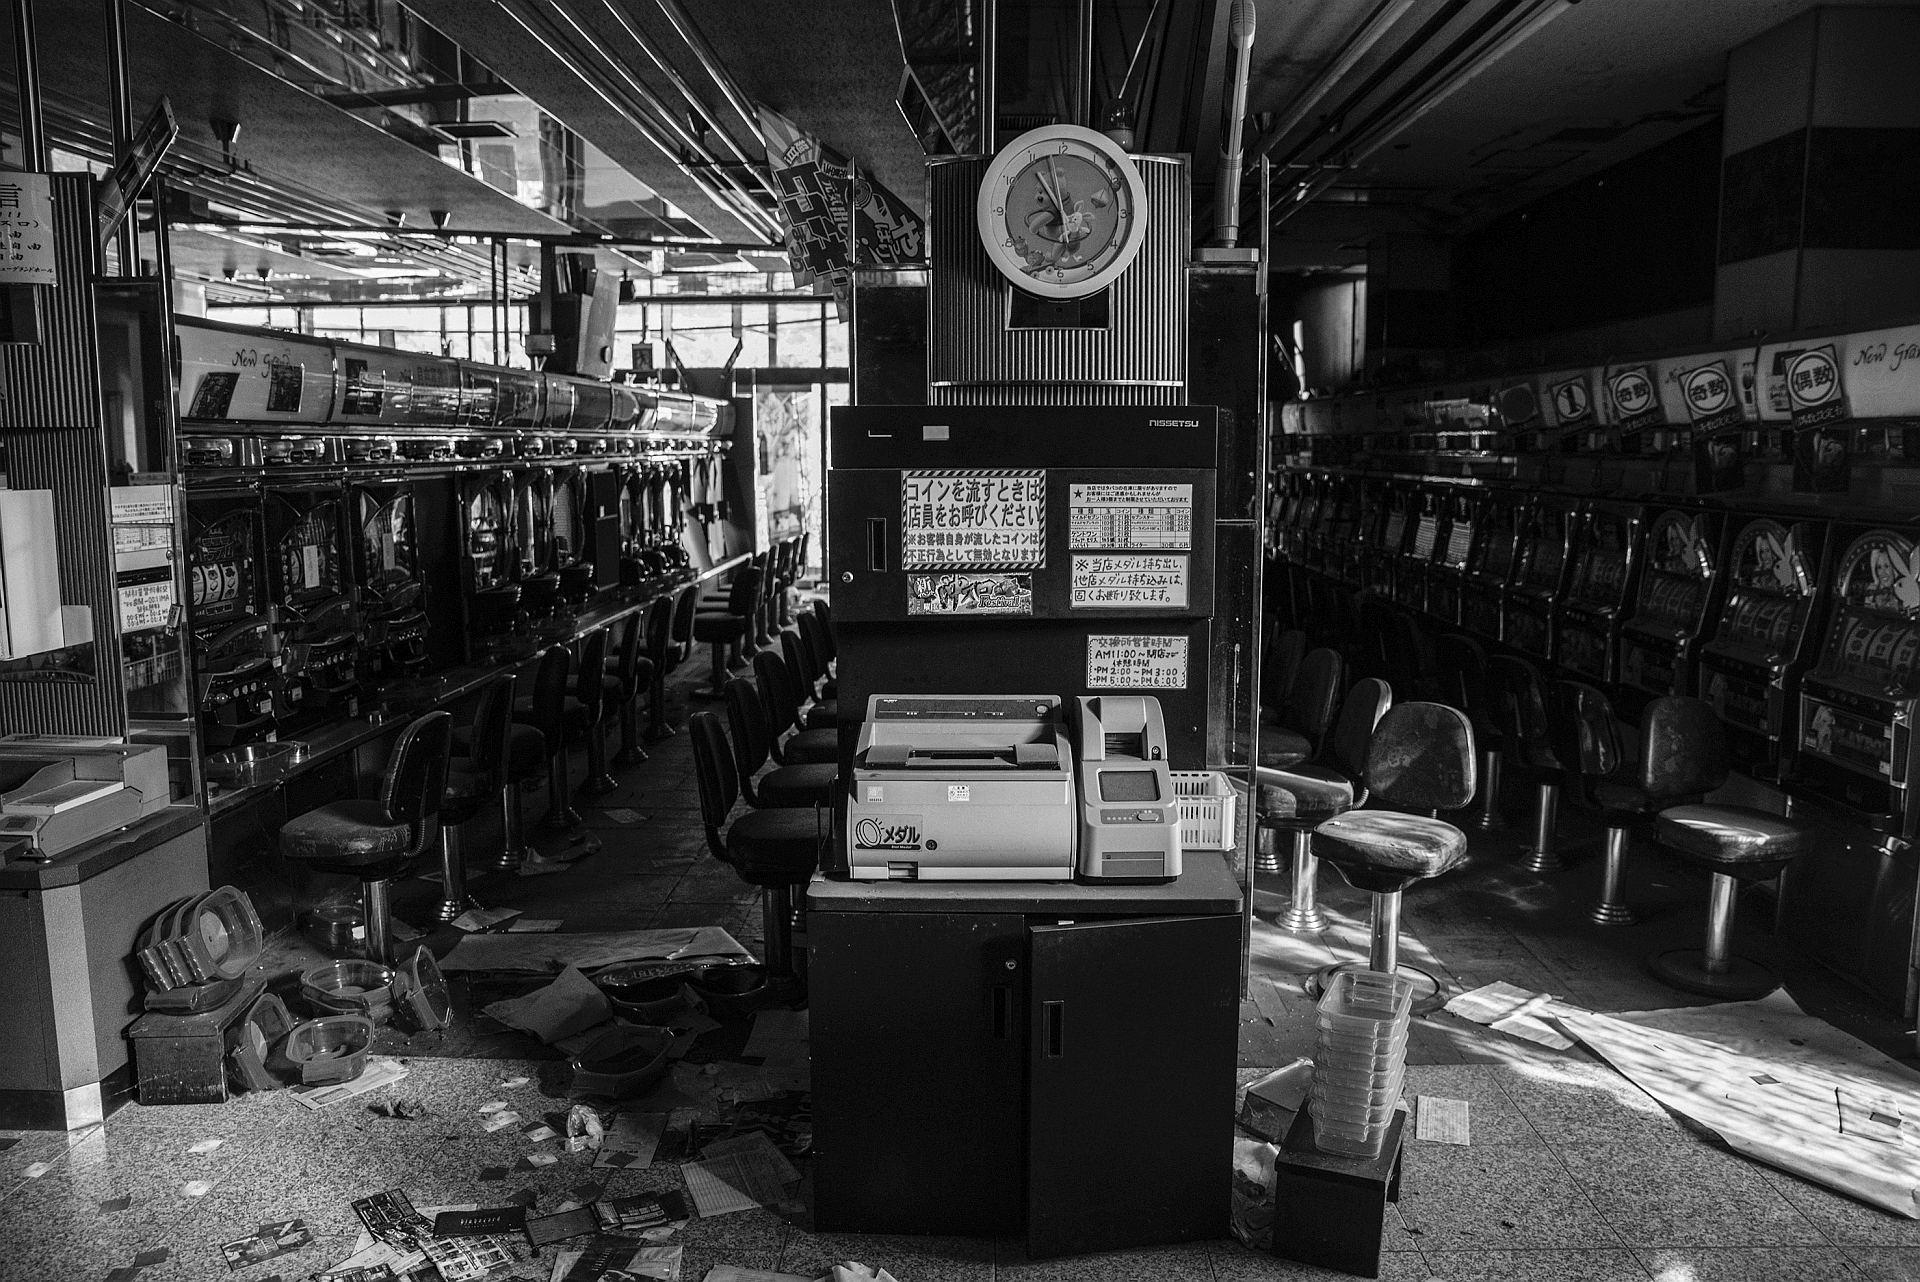 05 – Abandoned Pachinko